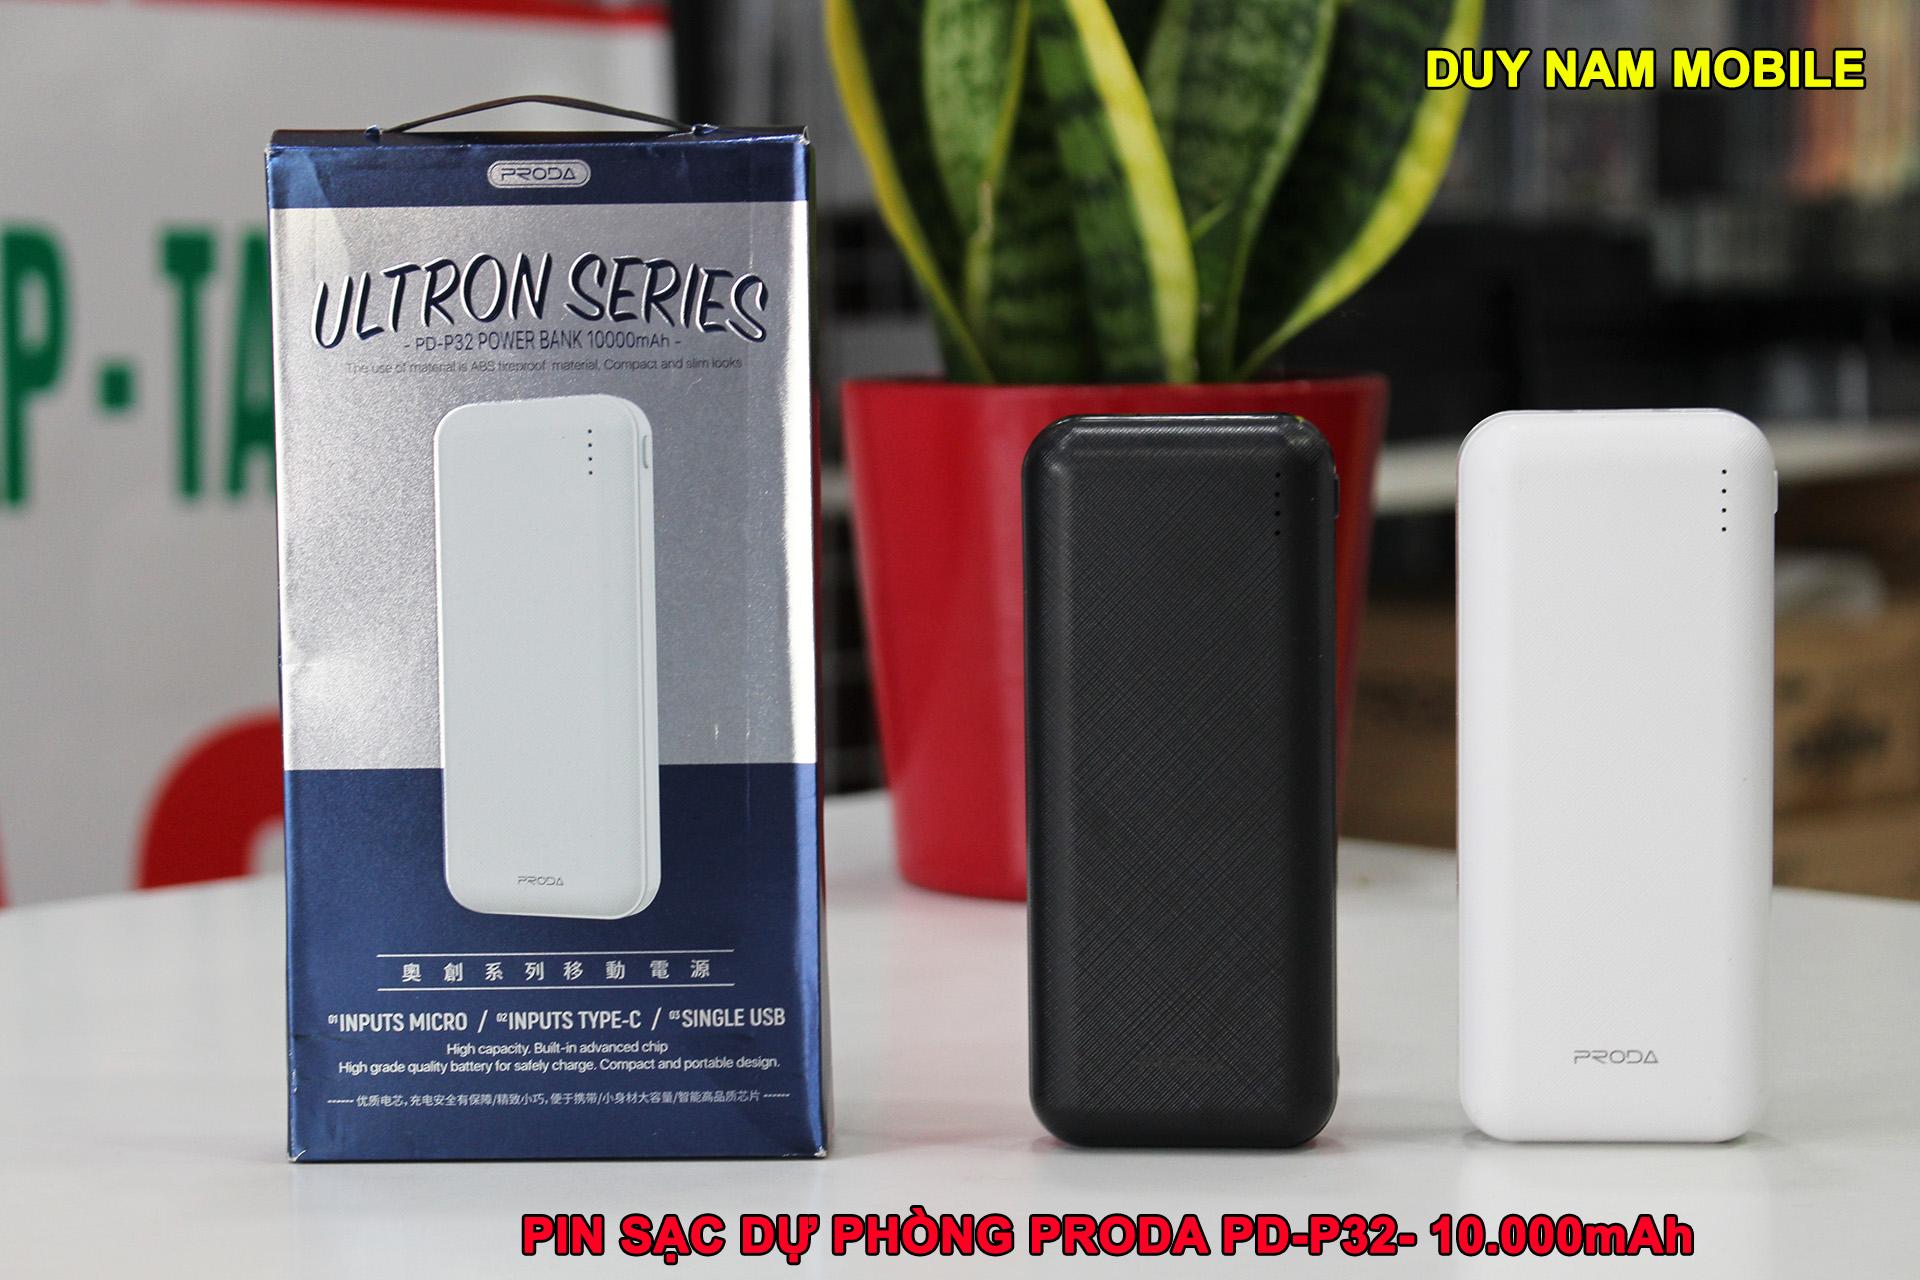 Pin sạc dự phòng proda 10000mAh PD-P32